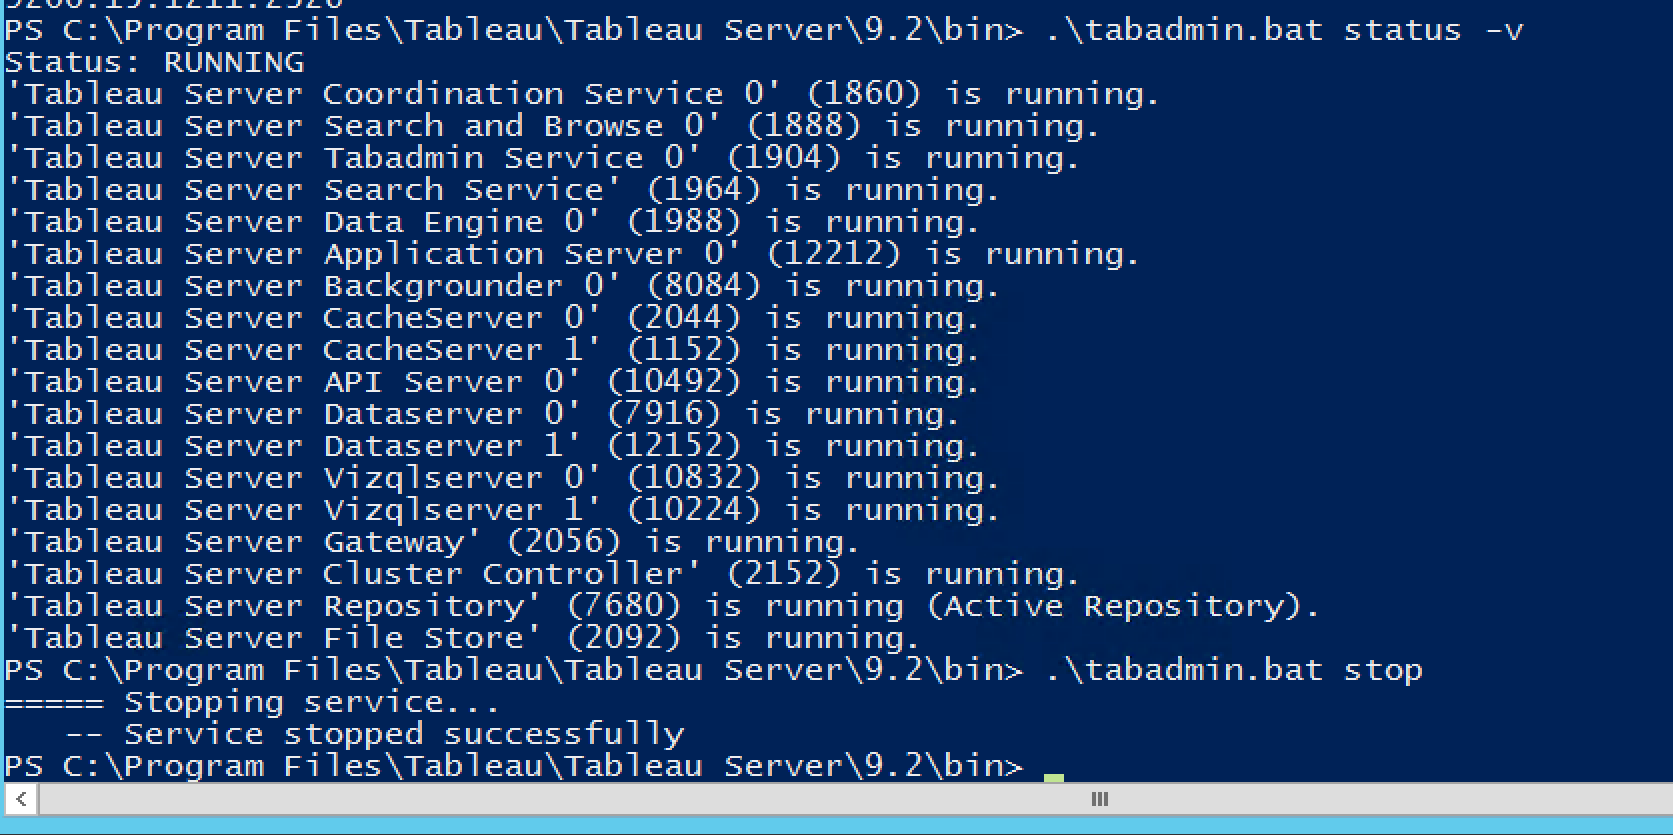 tableau-server-market-place-09